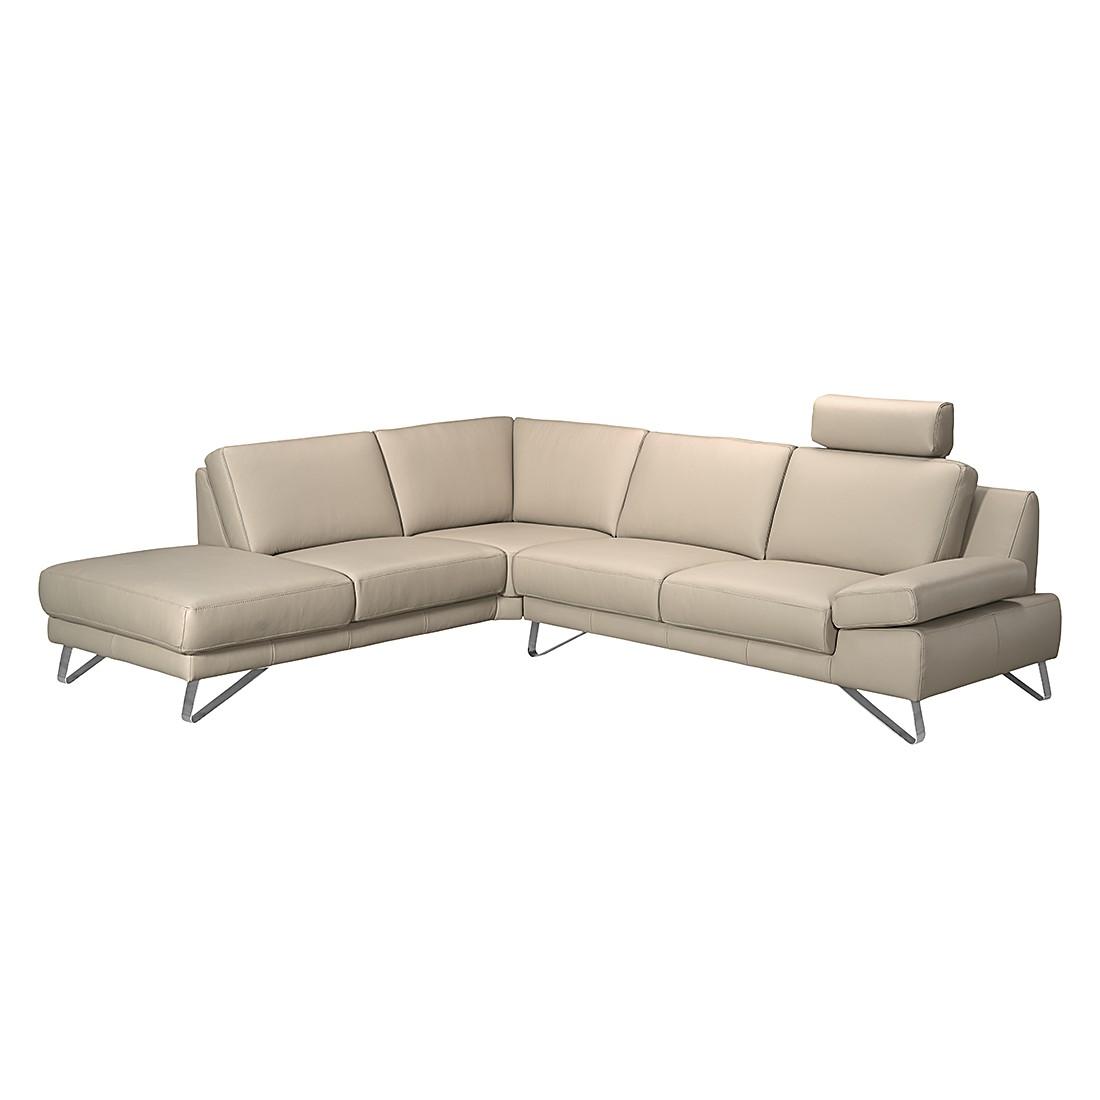 Canapé d'angle Silvano - Cuir synthétique taupe - Méridienne à gauche (vue de face) - Sans appui-têt